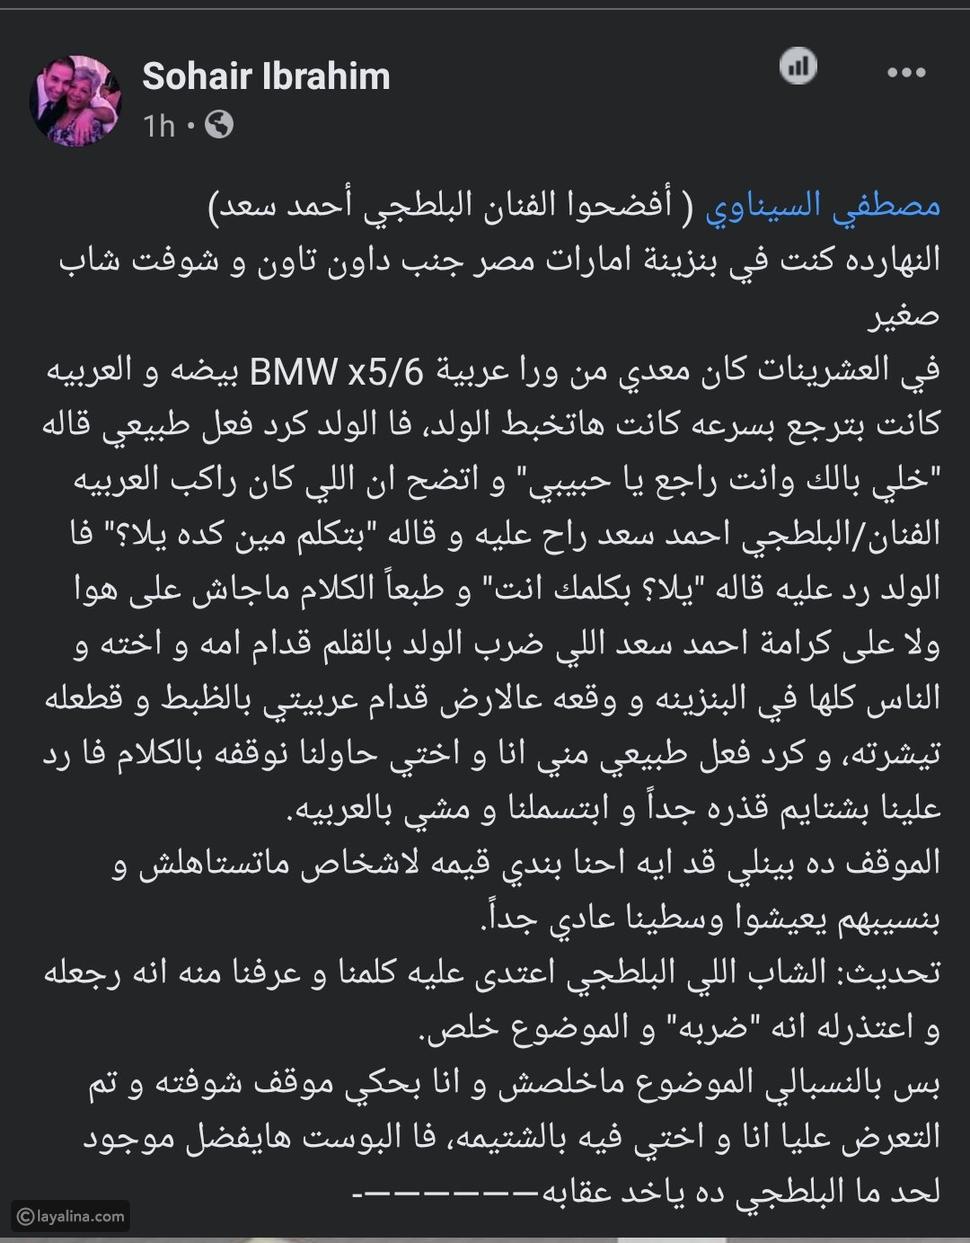 أحمد سعد يضرب شابًا على وجهه بالقلم في بنزينة ثم يعتذر: هذه التفاصيل